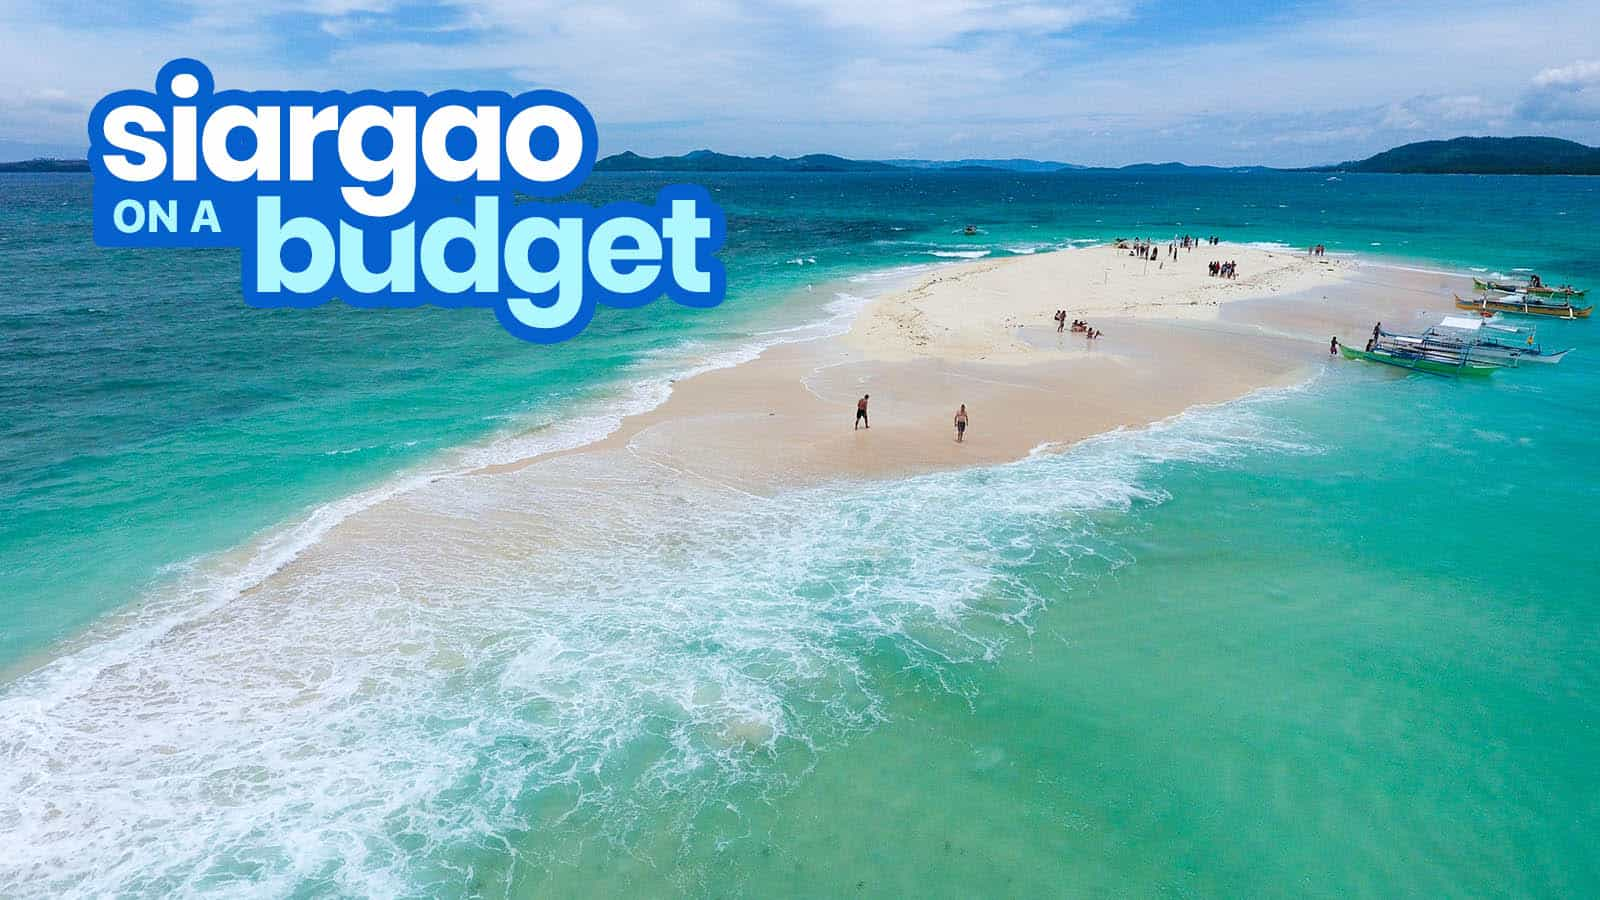 西亚哥旅游指南与预算行程 | 穷游者行程博客